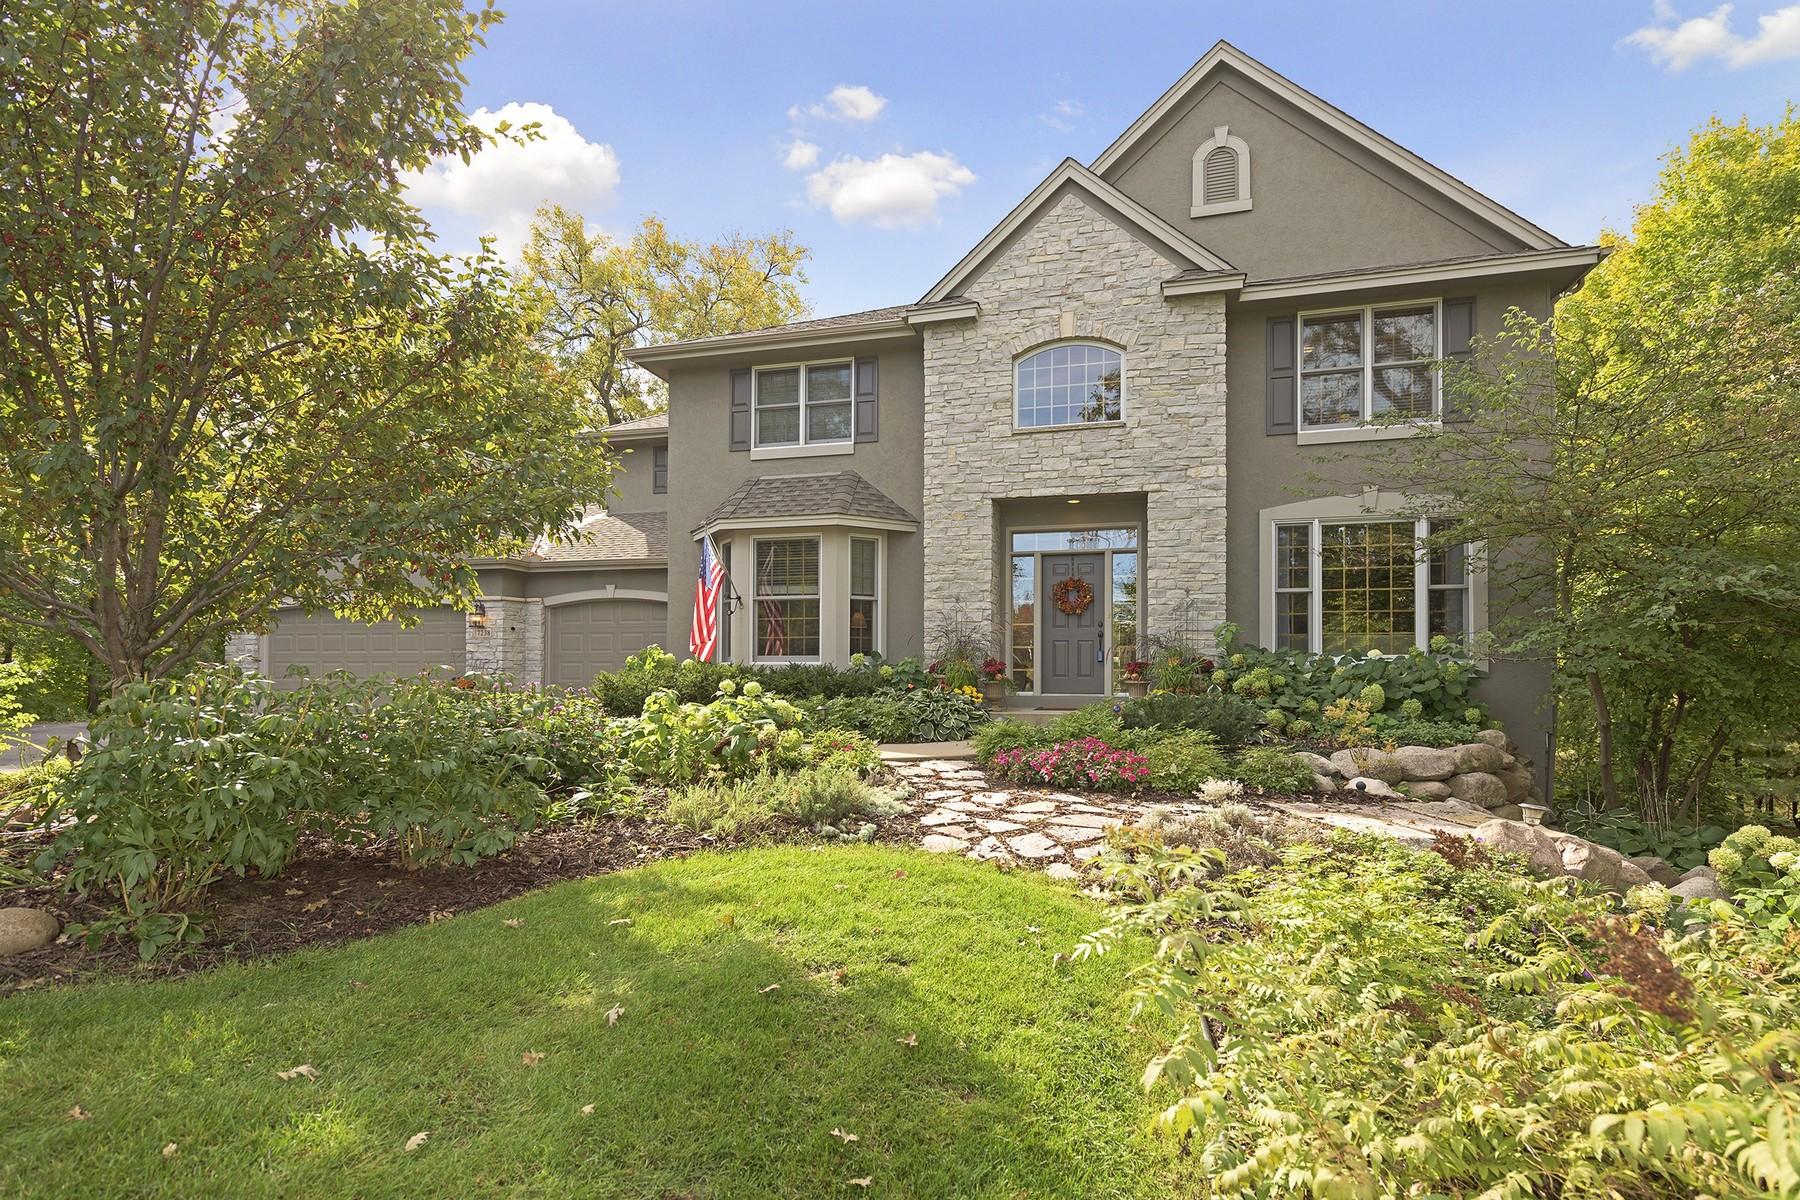 Maison unifamiliale pour l Vente à 7238 Lodgepole Point Chanhassen, Minnesota 55317 États-Unis